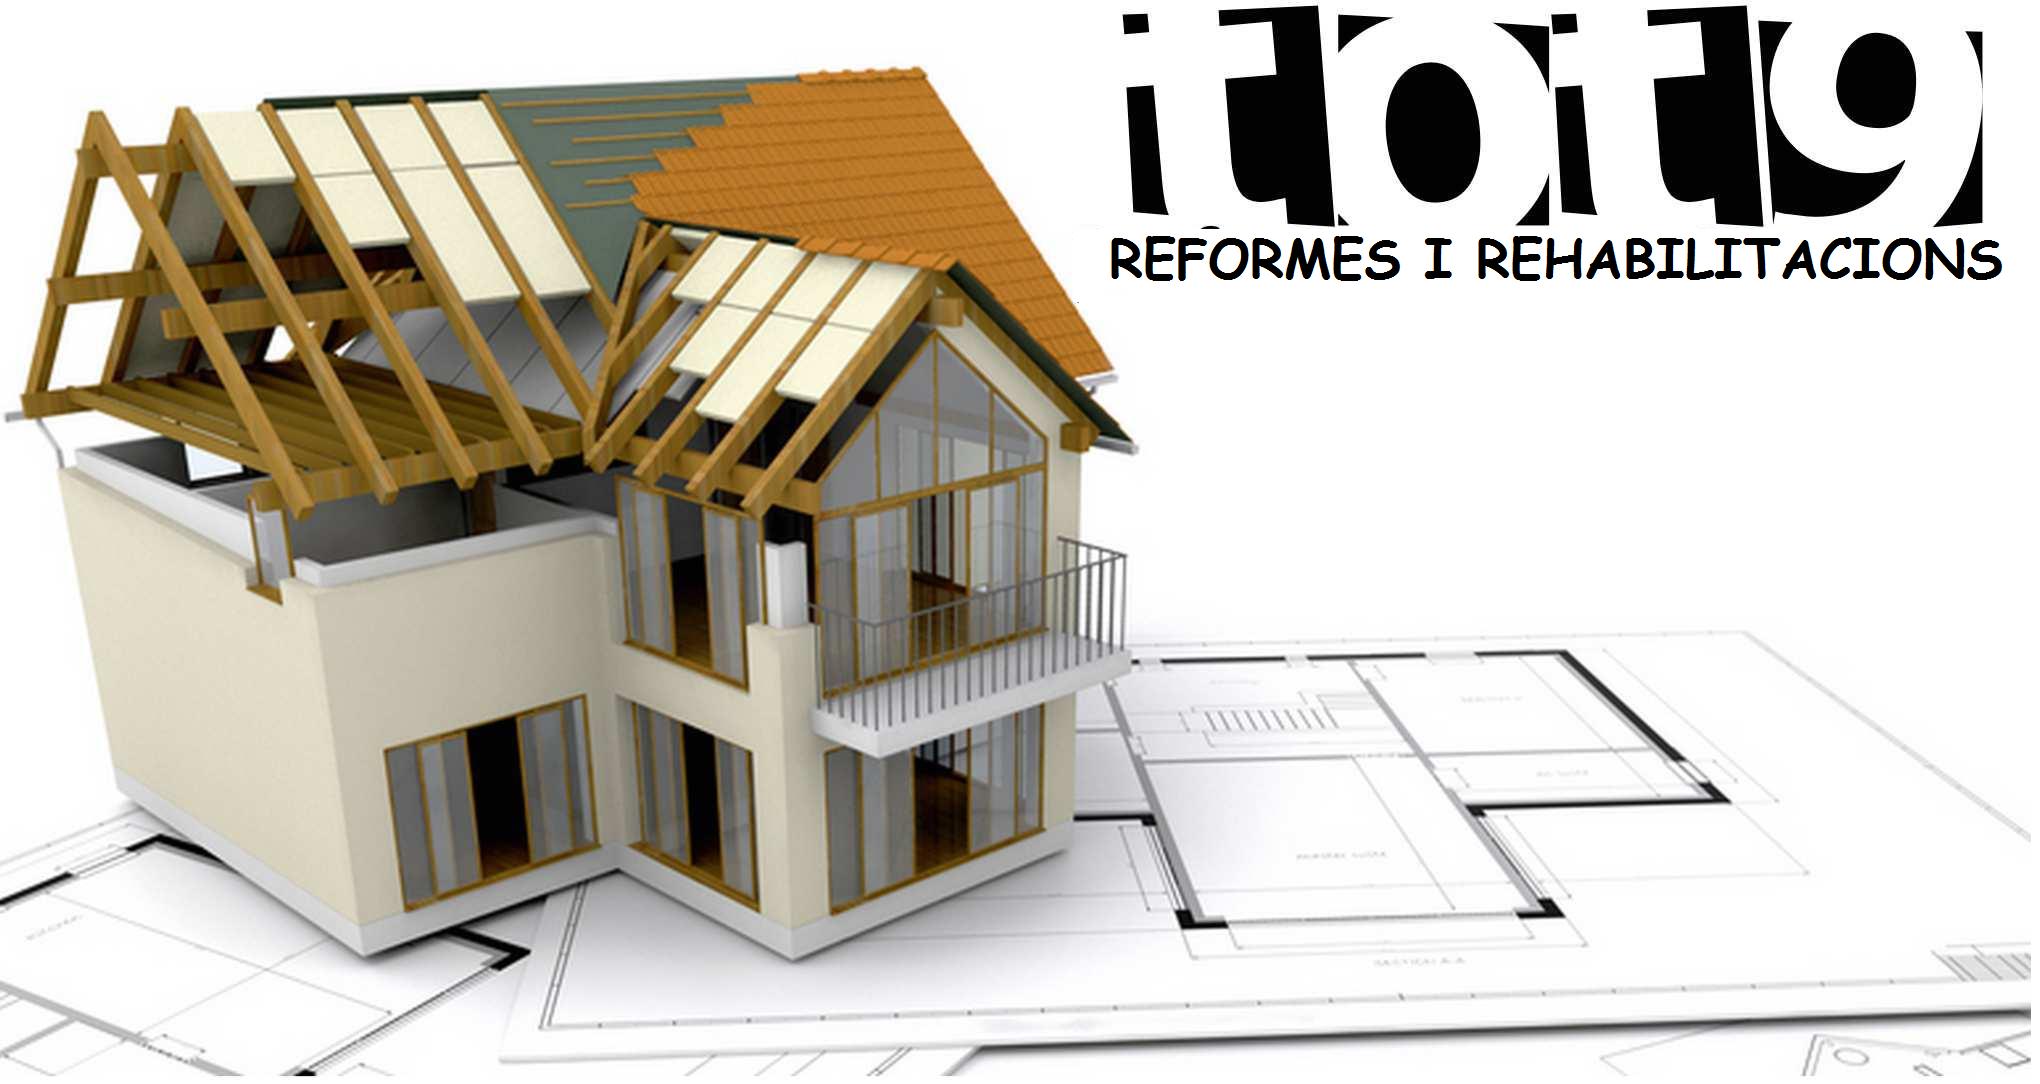 Reformes Tot9